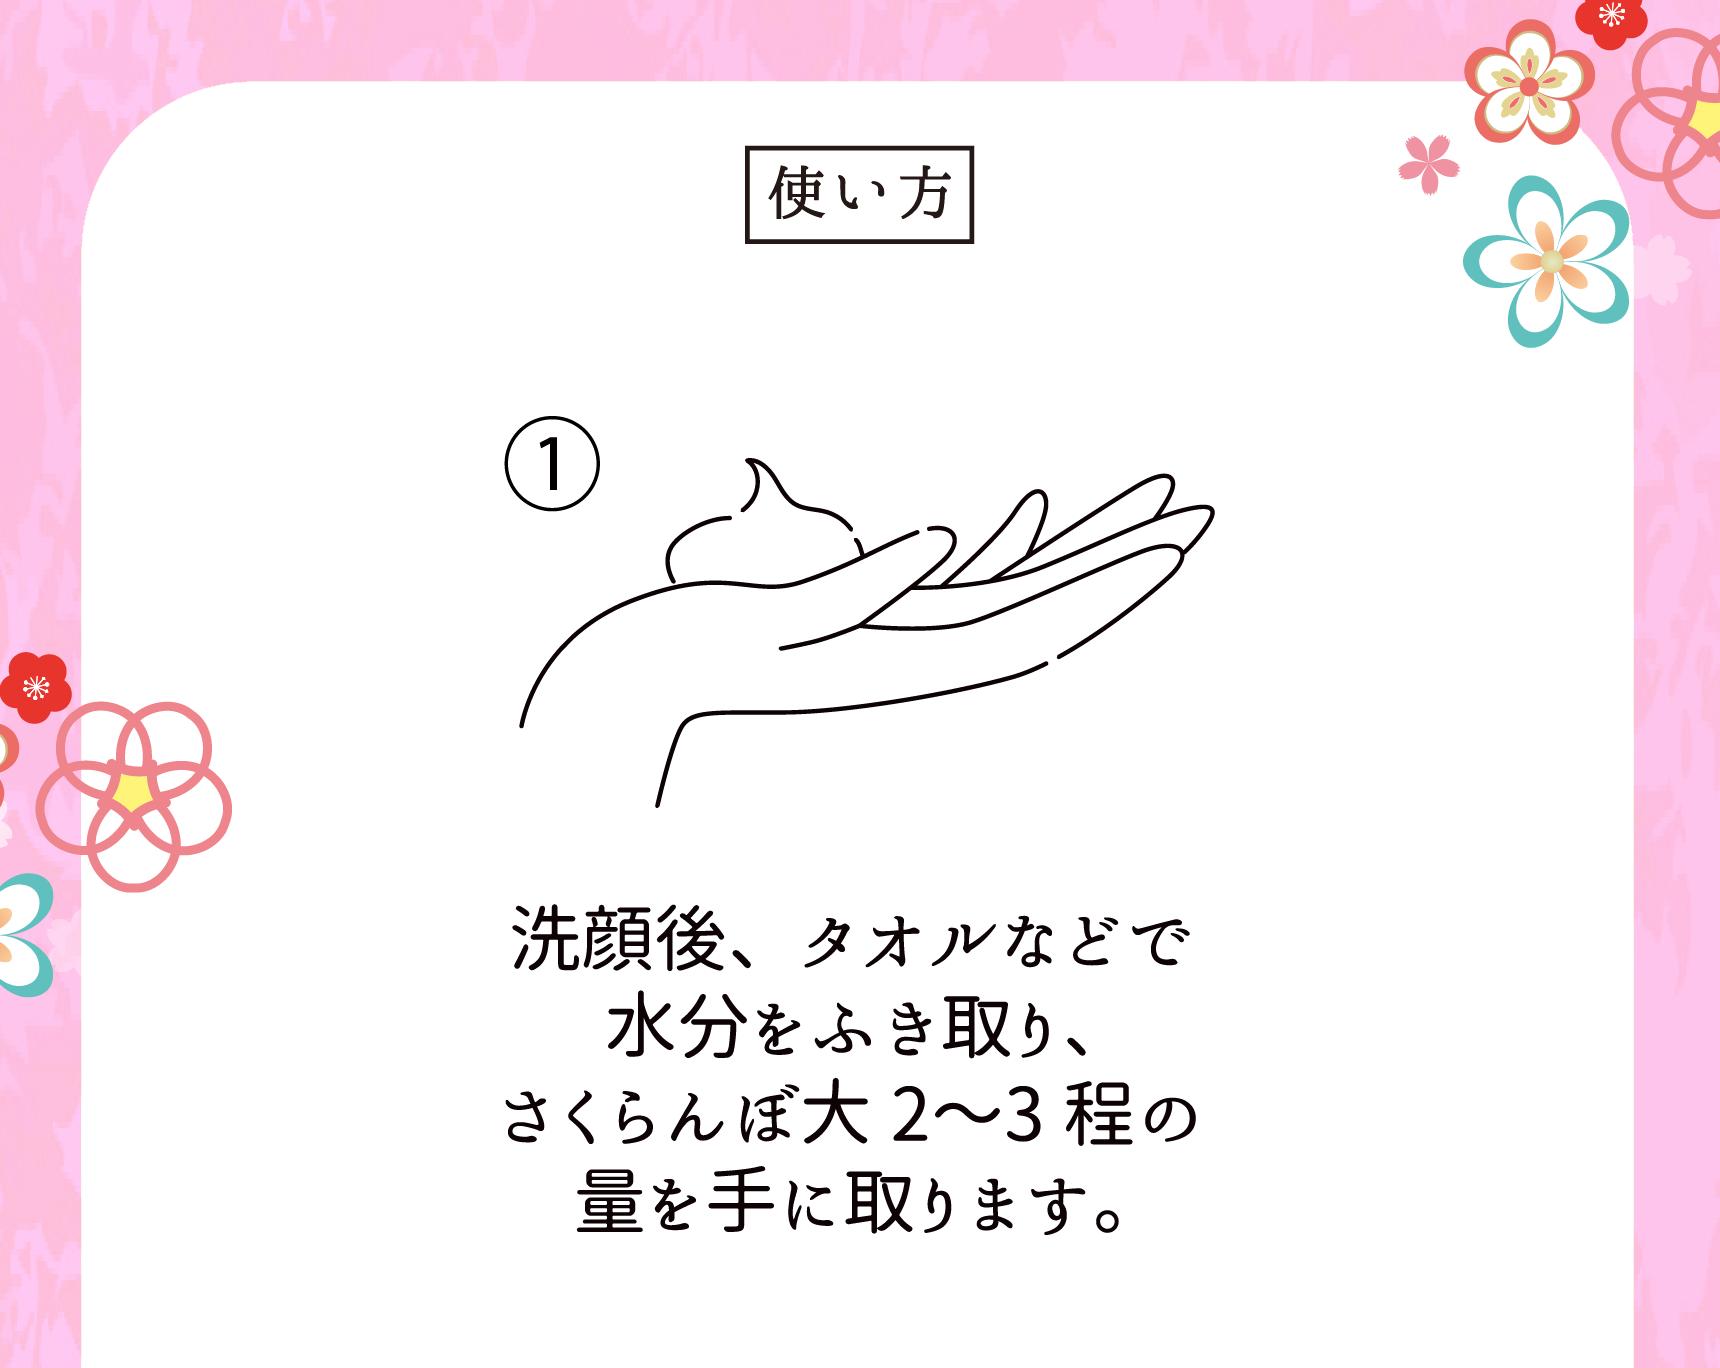 使い方 ①洗顔後、タオルなどで水分をふき取り、さくらんぼ大2〜3程の量を手に取ります。